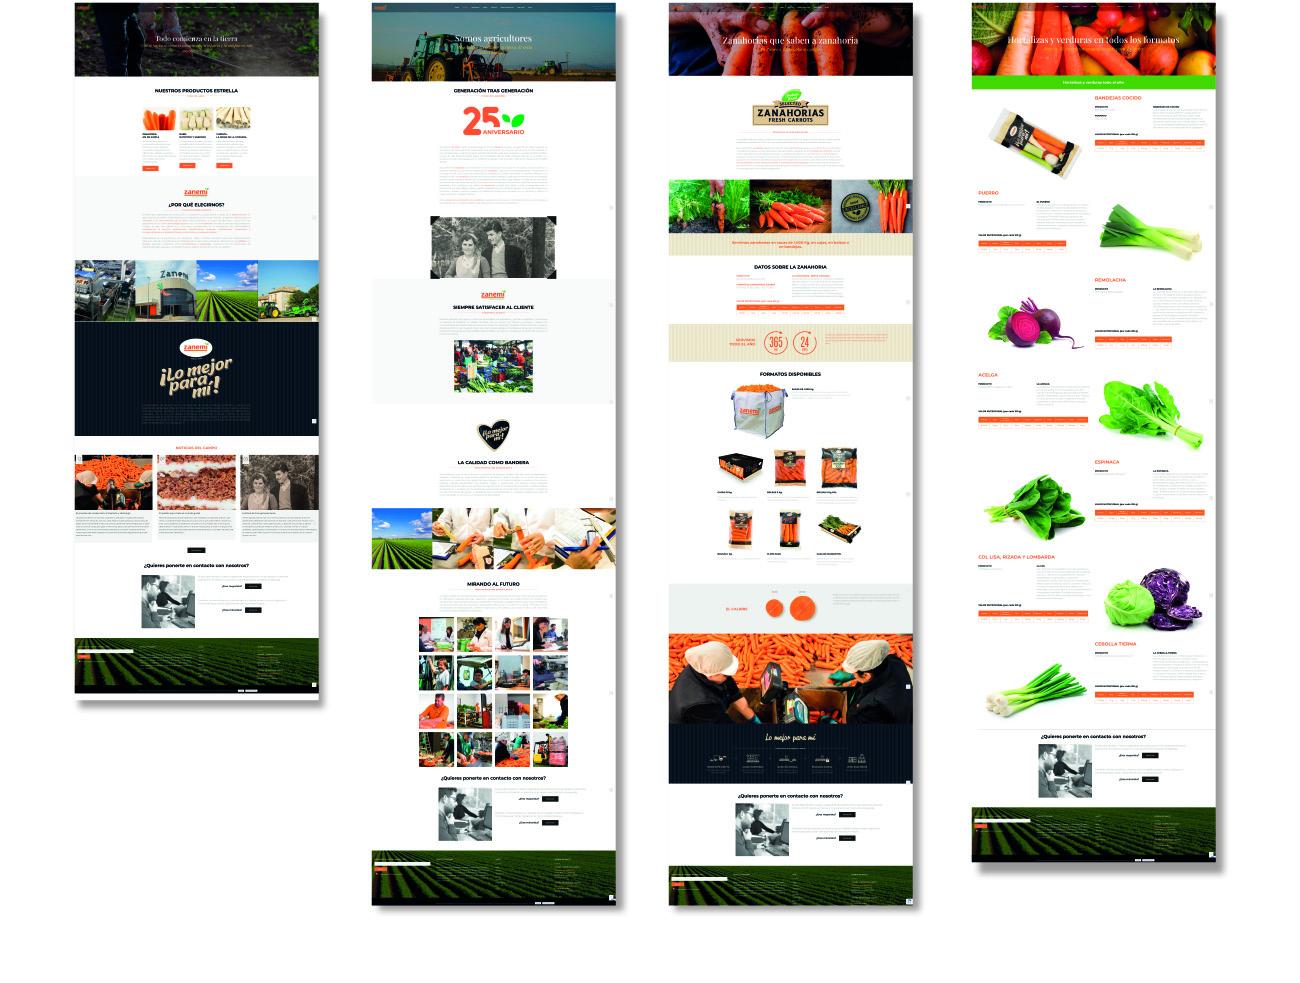 zanemi web branding 04